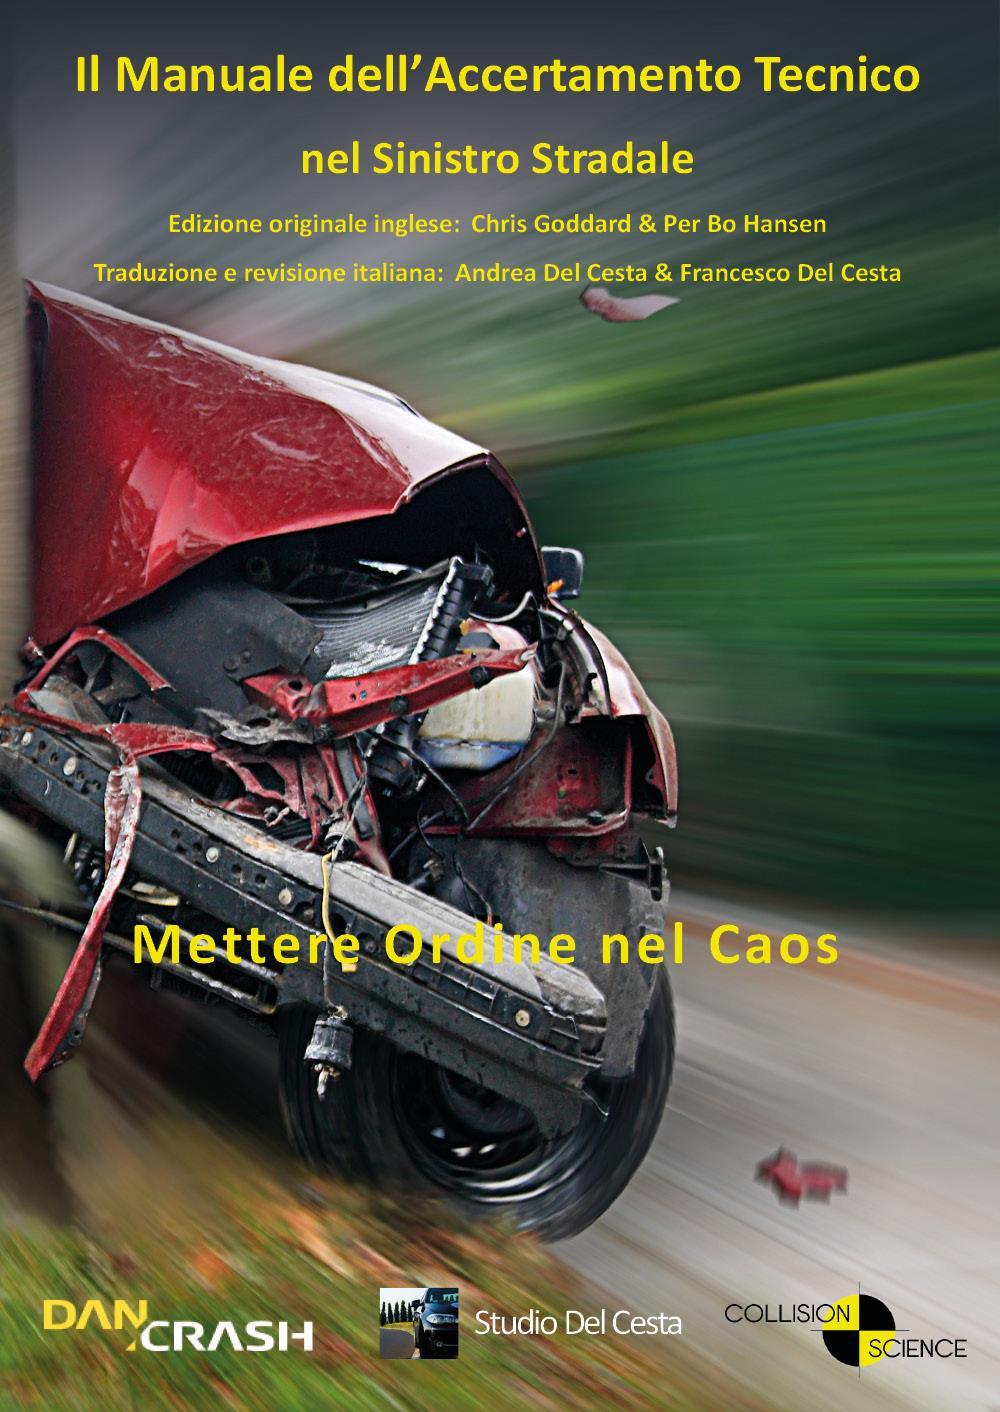 Il manuale dell'accertamento tecnico nel sinistro stradale